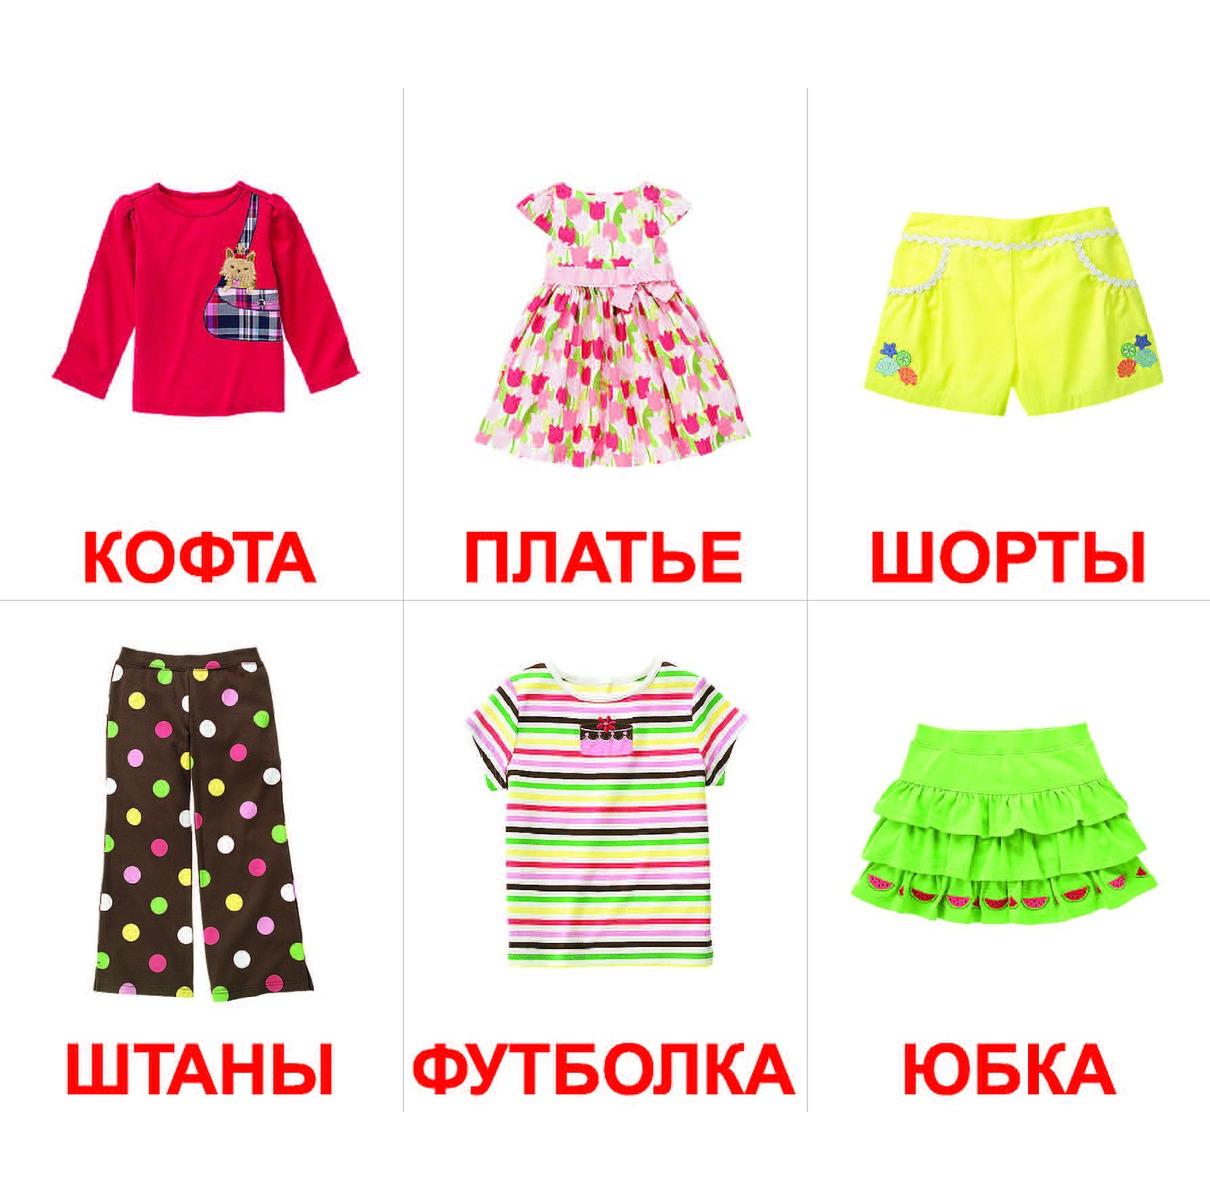 Предметные картинки с одеждой